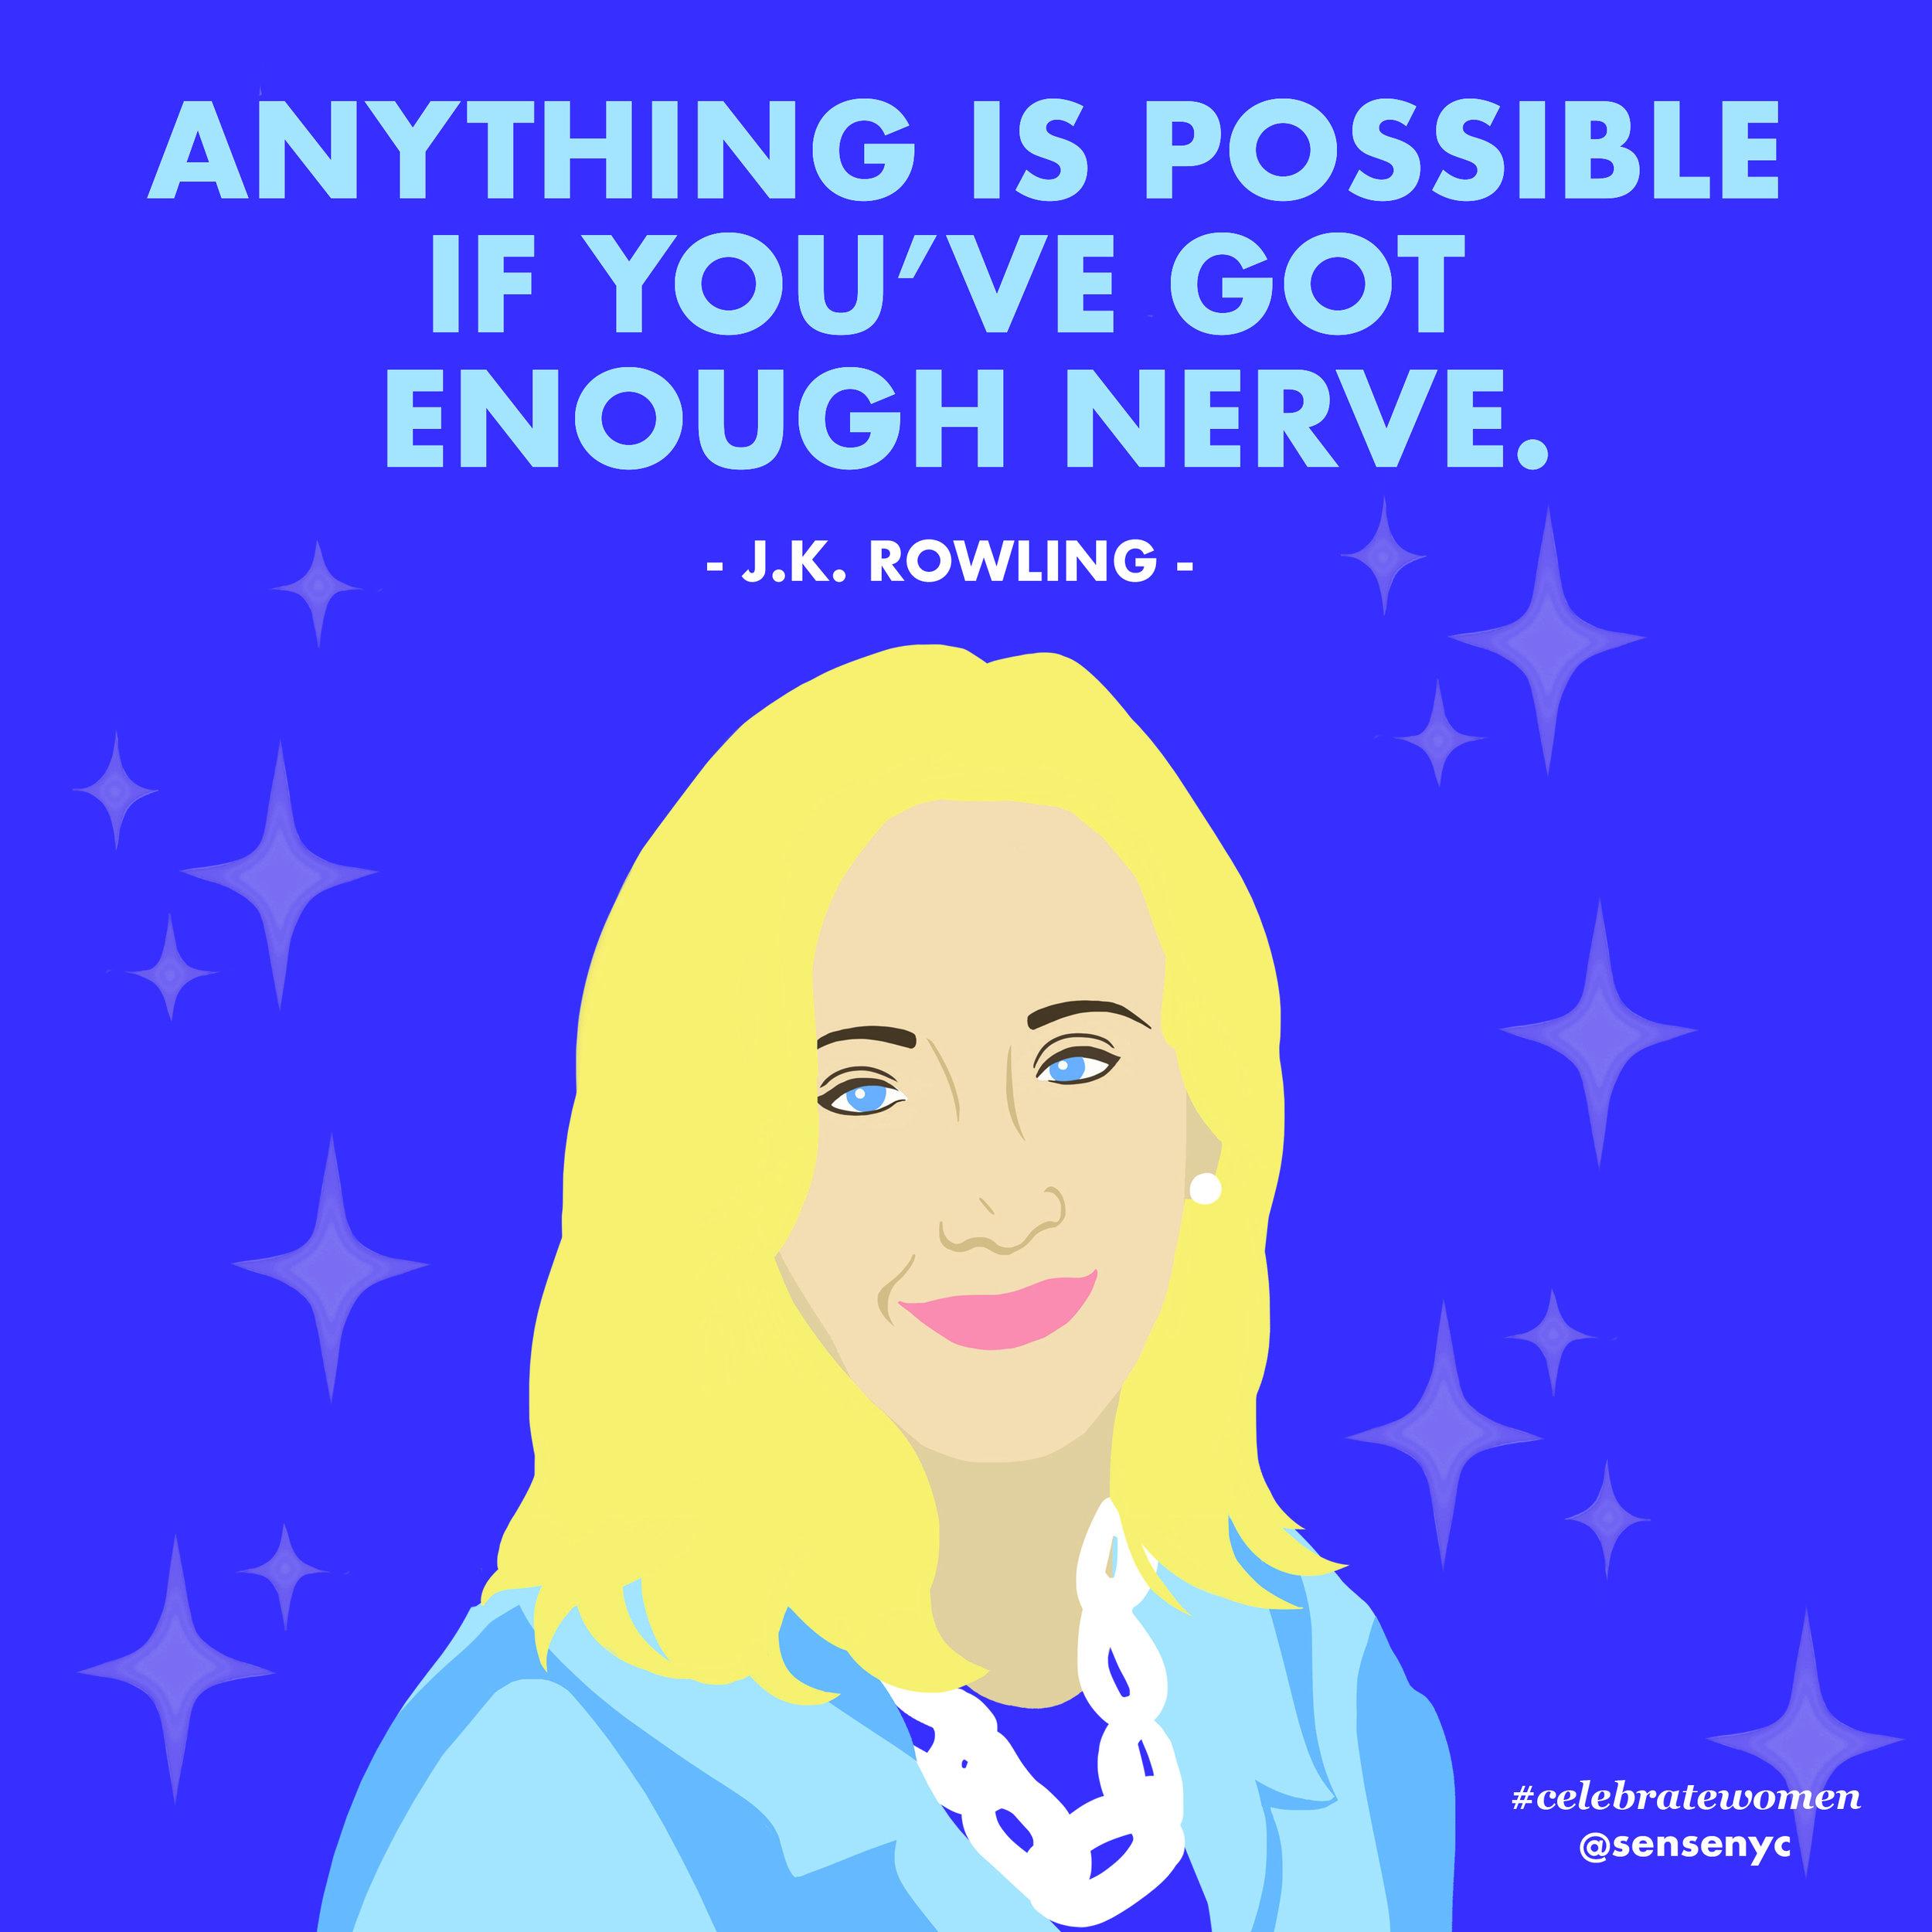 J.K. Rowling.jpg